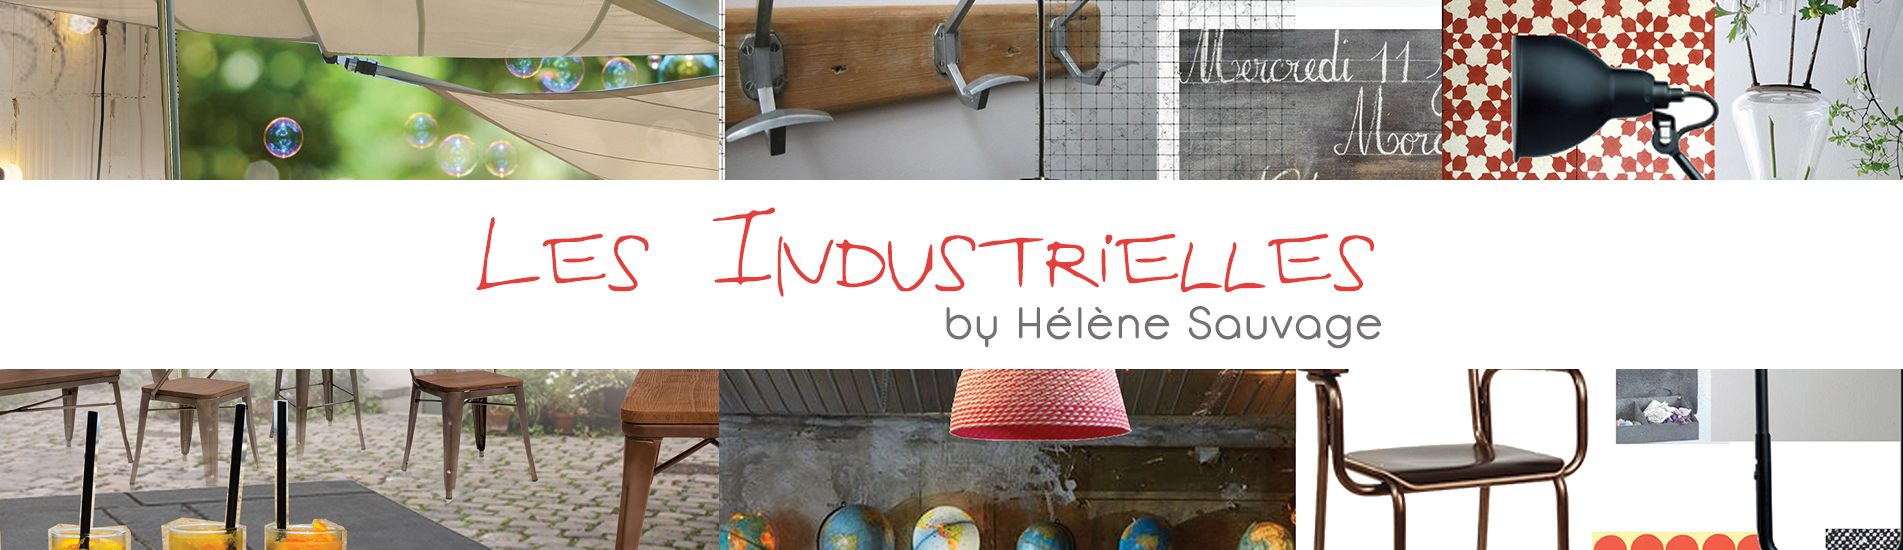 les industrielles